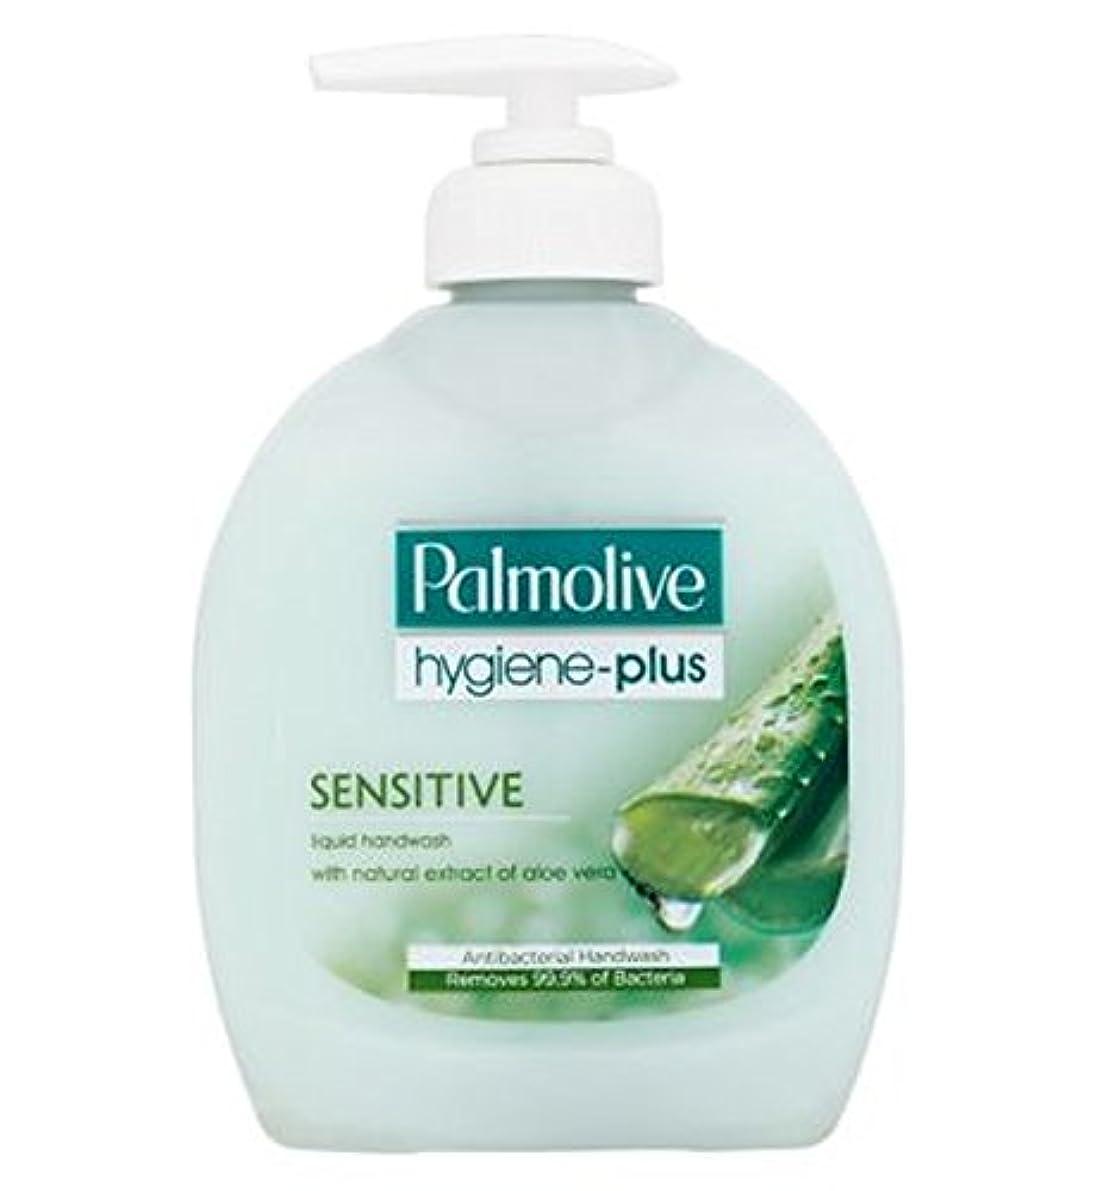 承認する感謝祭兵器庫Palmolive Hygiene Plus Sensitive Handwash - パルモ衛生プラス敏感手洗い (Palmolive) [並行輸入品]